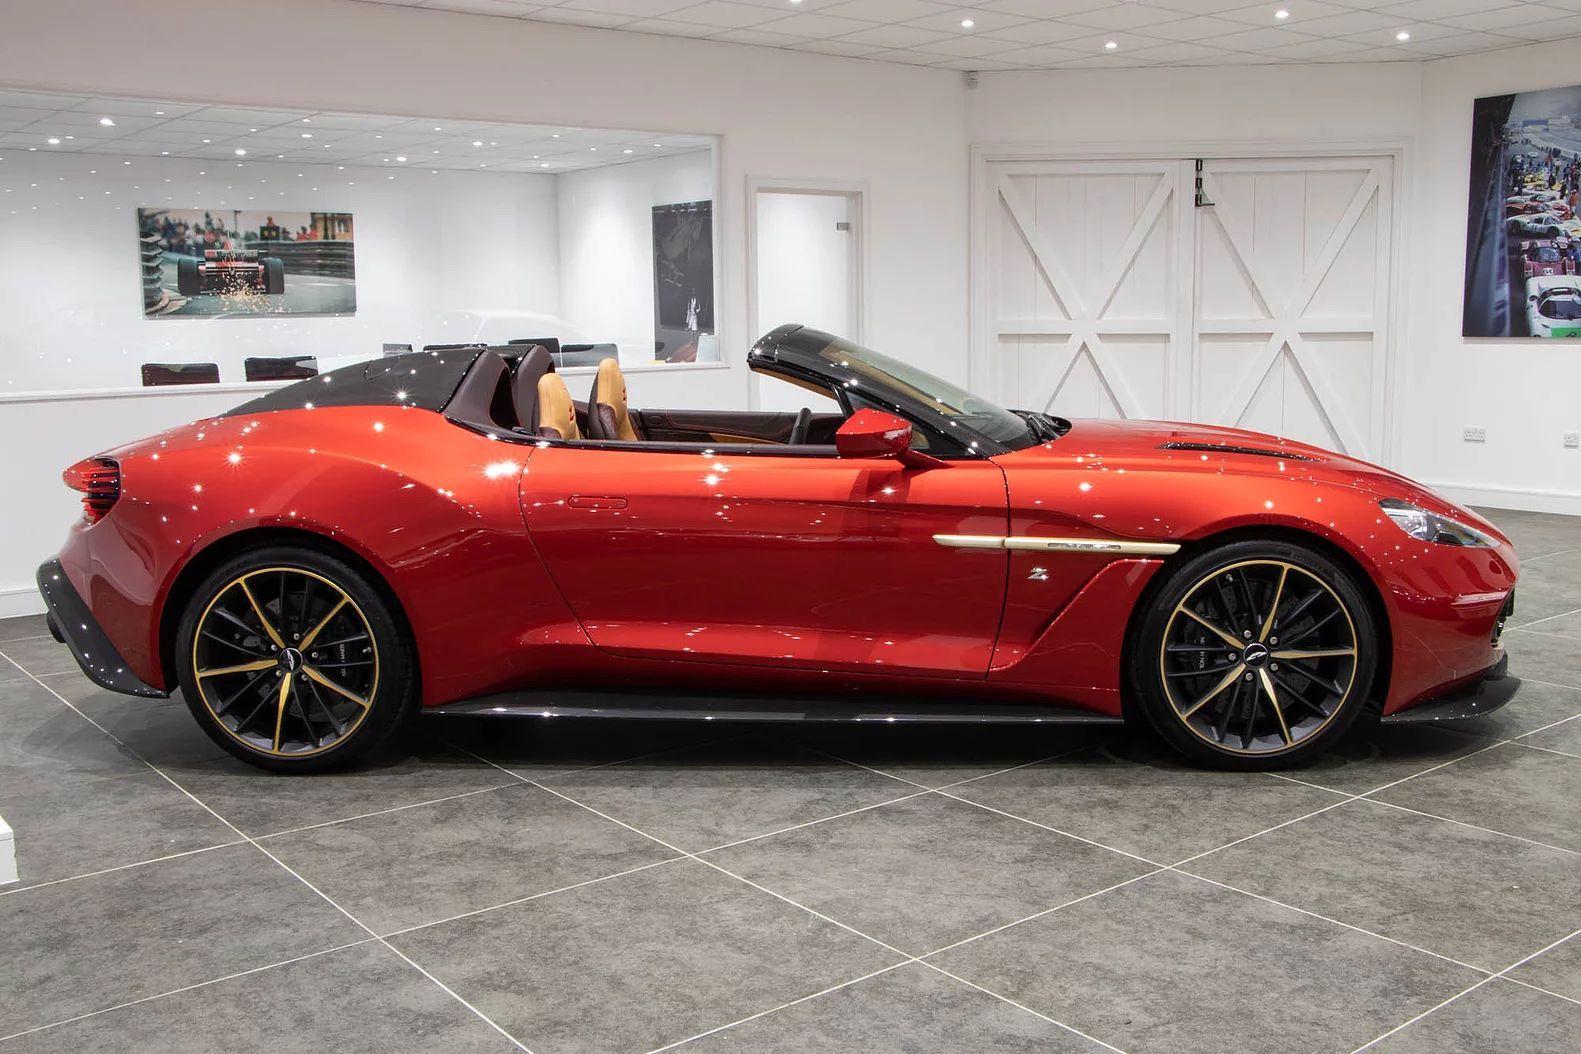 Aston_Martin_Vanquish_Speedster_sale-0001